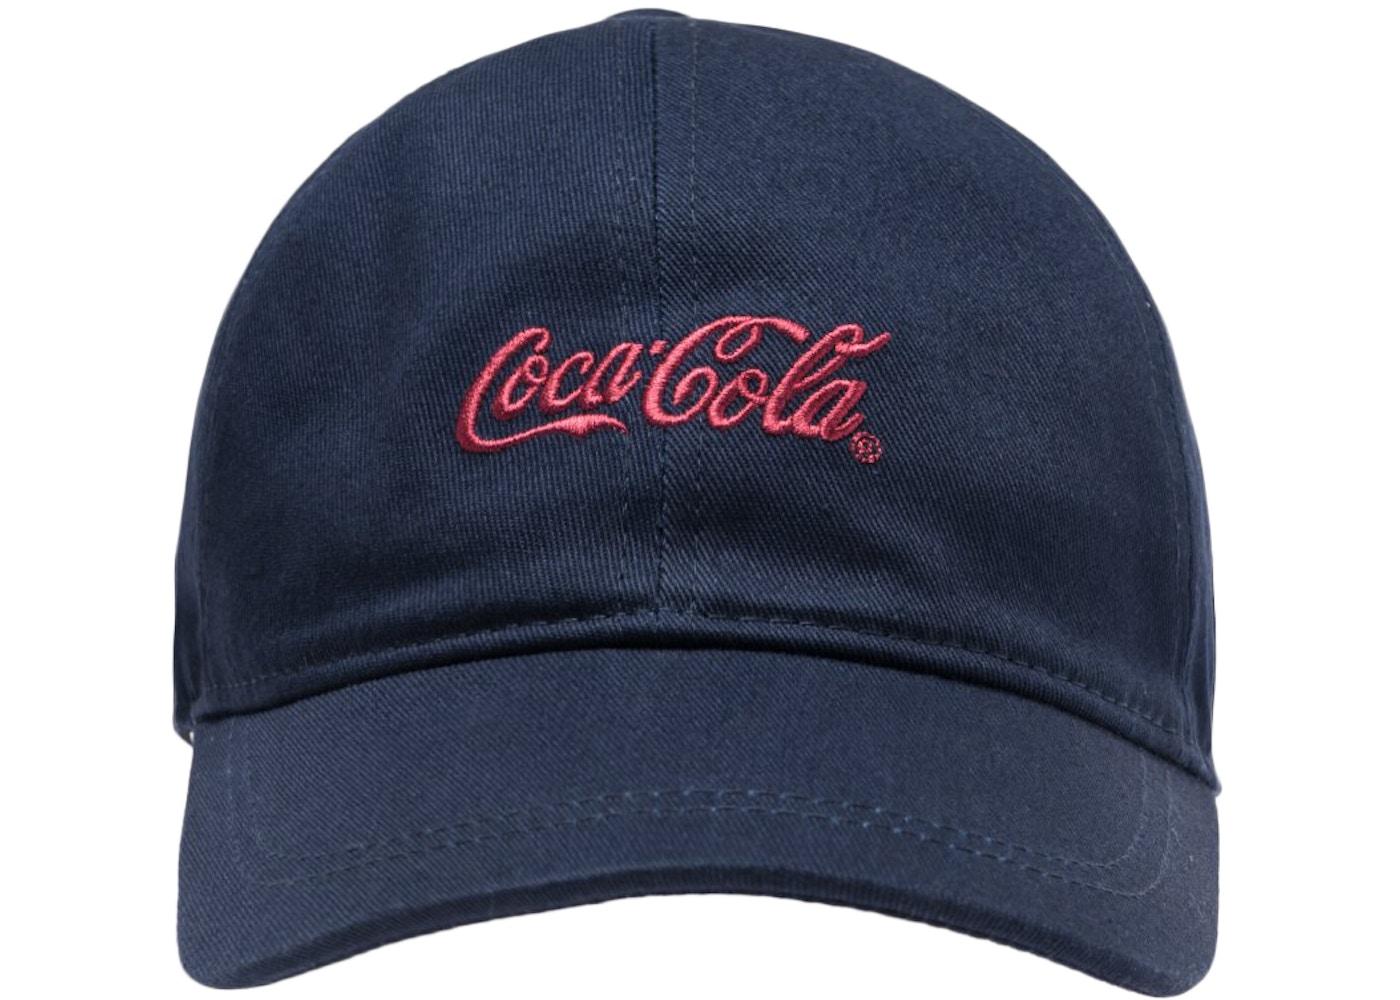 72415c6f Kith Headwear - Buy & Sell Streetwear